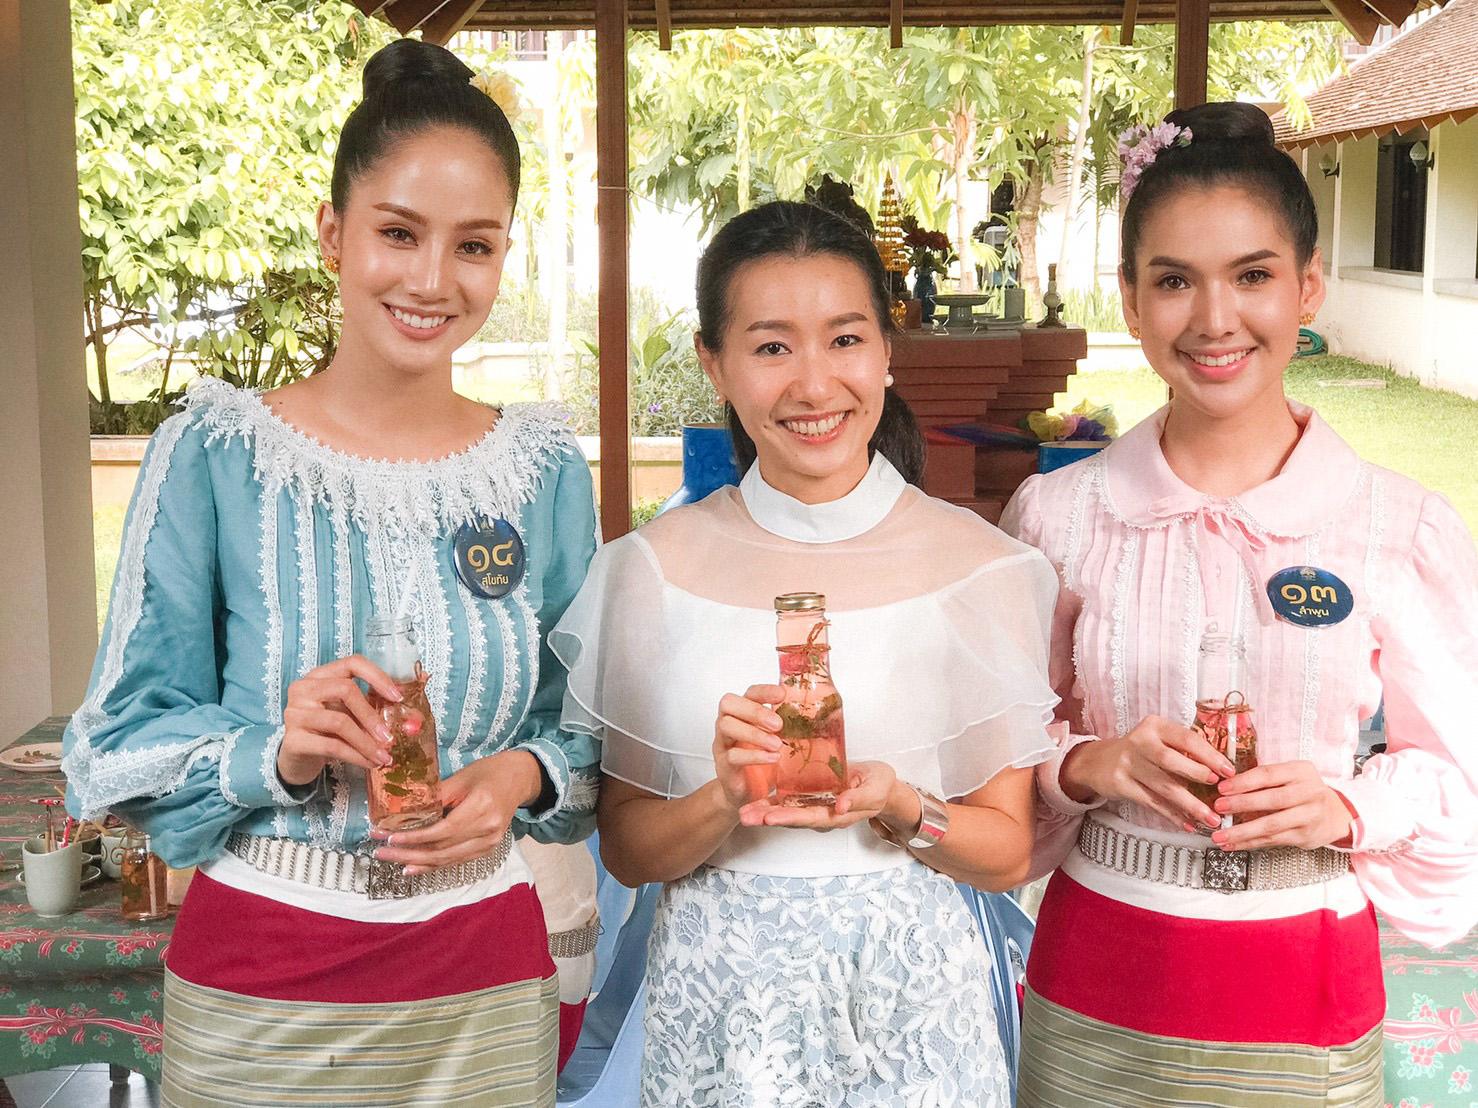 Picture for news item ต้อนรับคณะสาวงามผู้เข้าประกวดเวทีนางสาวไทย ประจำปี 2562